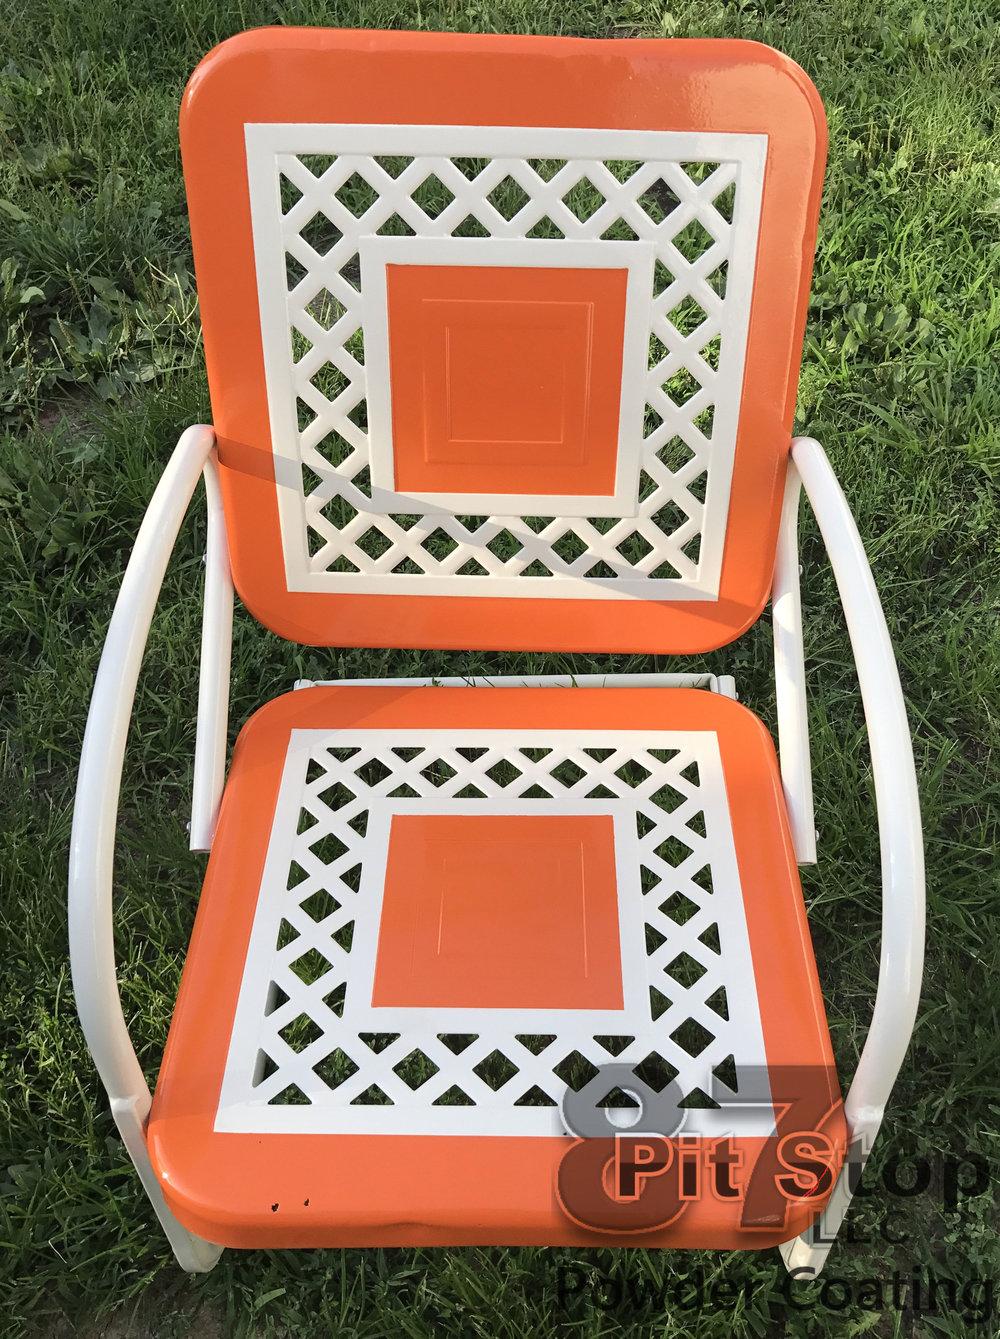 orangechair.jpg